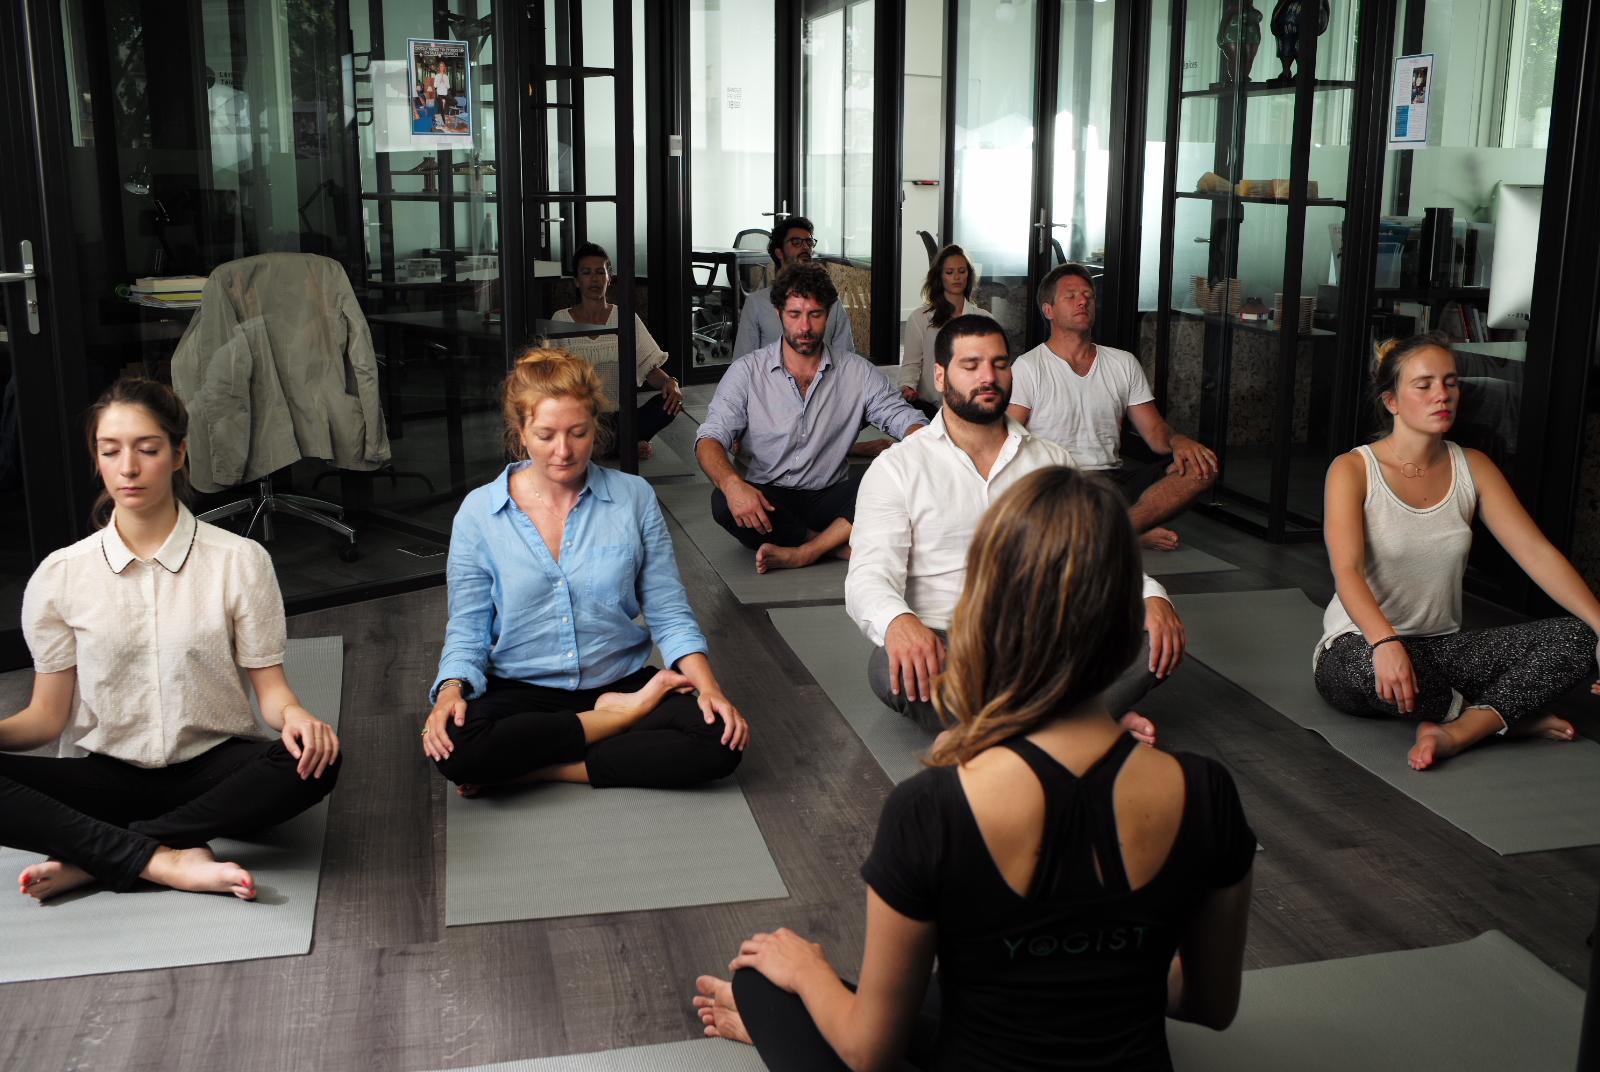 Yoga sur tapis cours entreprise